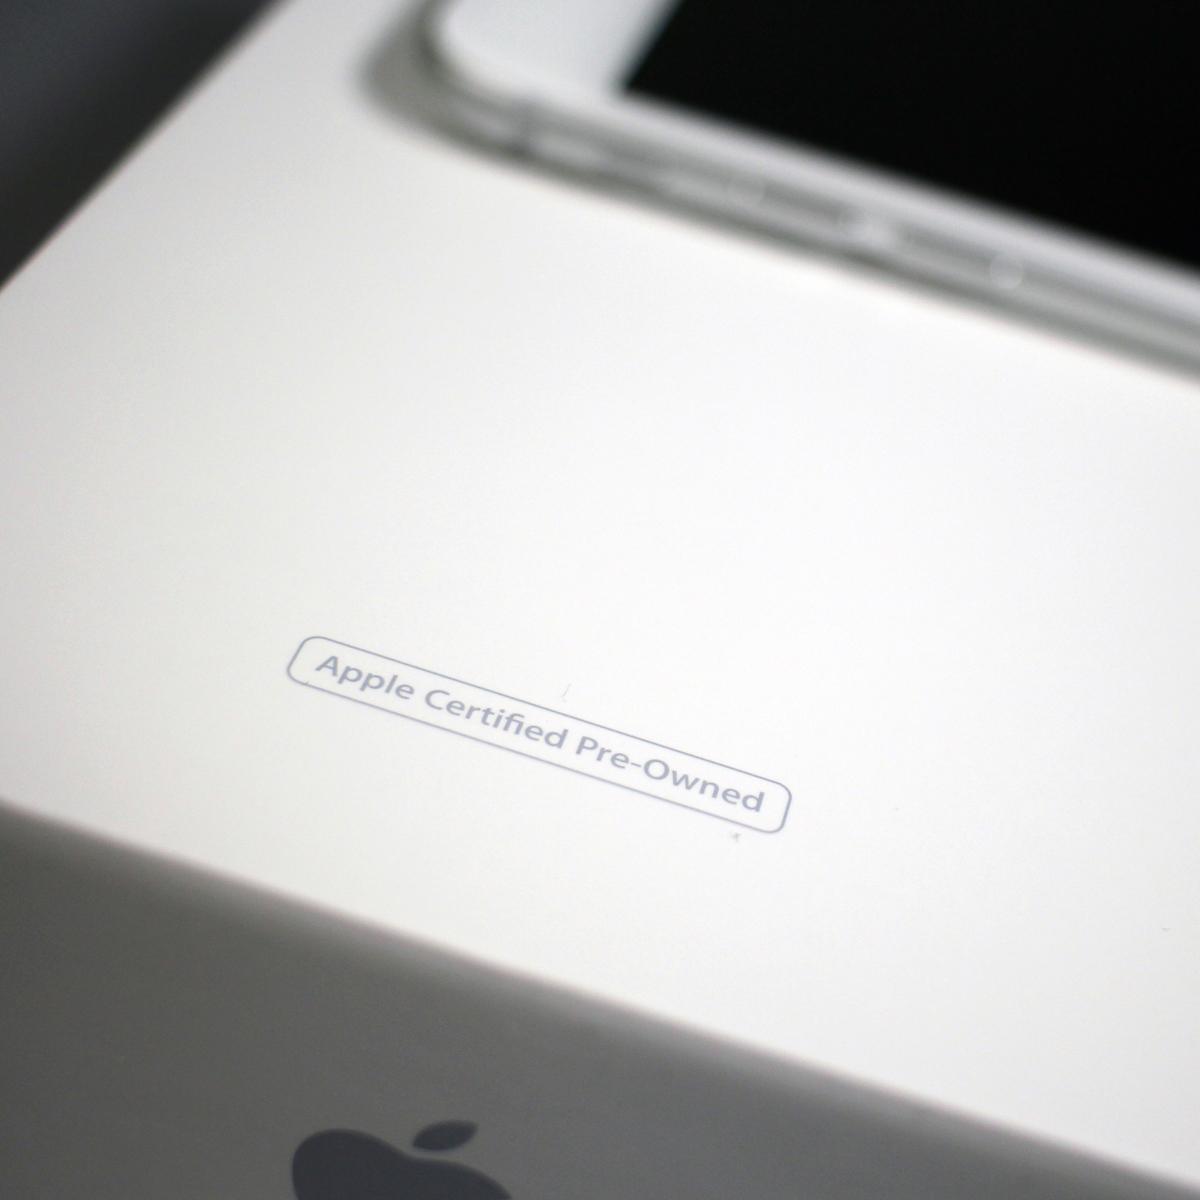 iPhone CPO là gì và có nên mua iPhone CPO hay không? hình 1